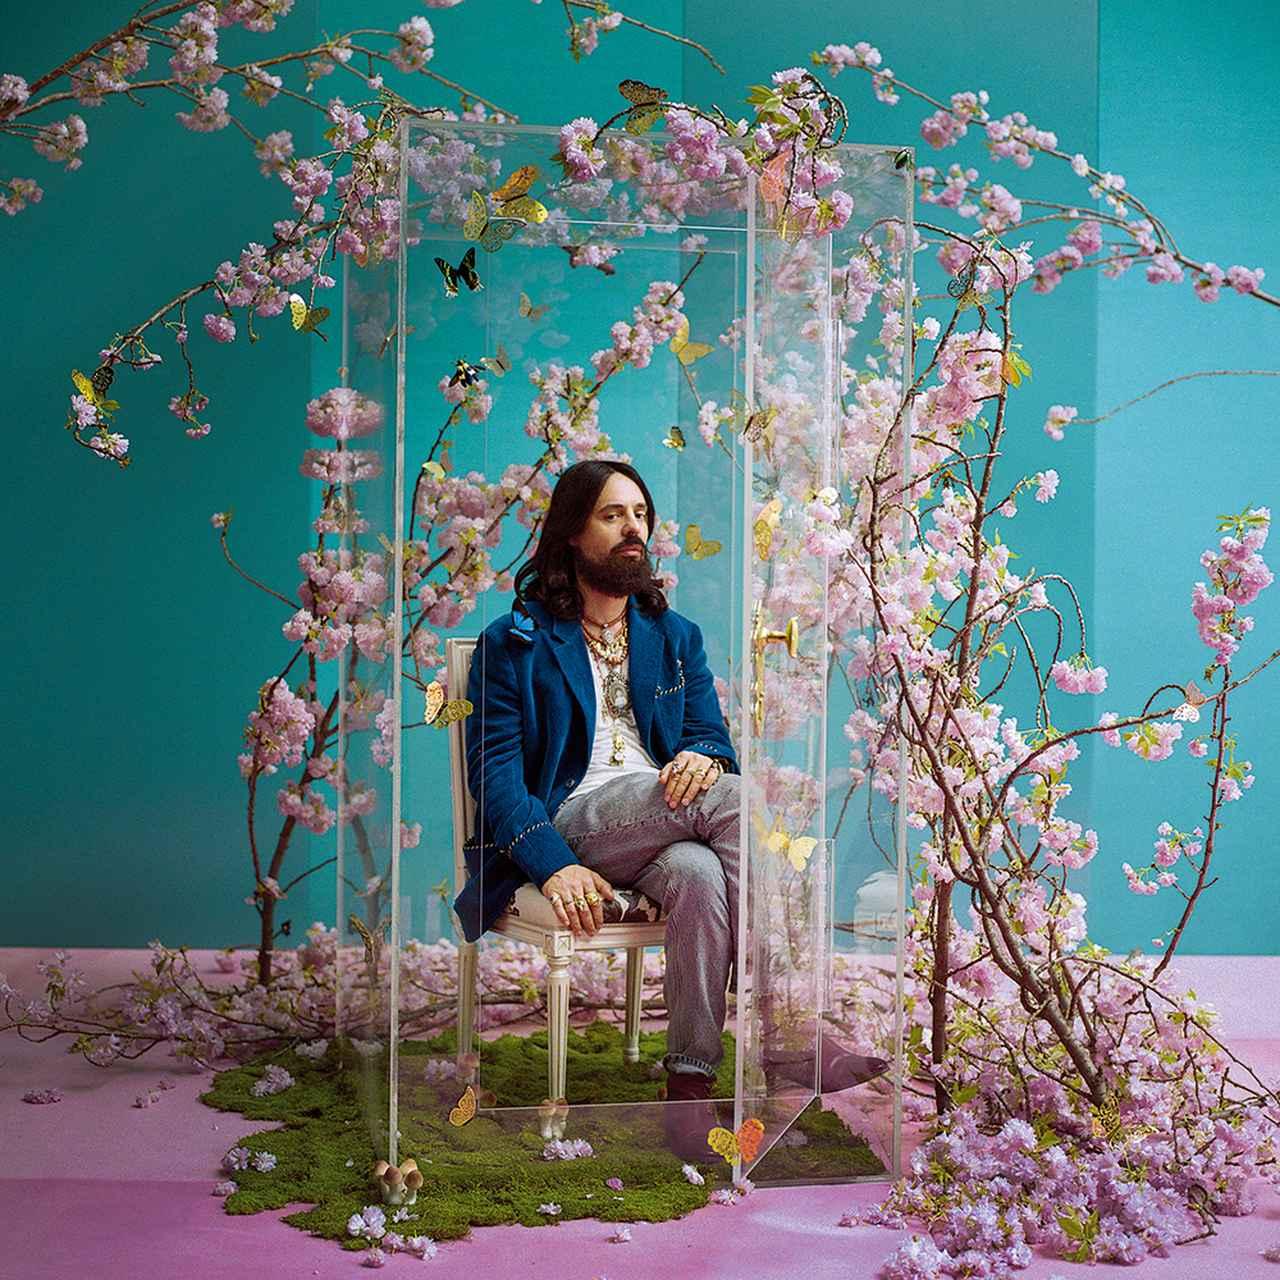 画像 : 1番目の画像 - 「アレッサンドロ・ミケーレは こうしてグッチと、 ファッションの定義を革新した <前編>」のアルバム - T JAPAN:The New York Times Style Magazine 公式サイト